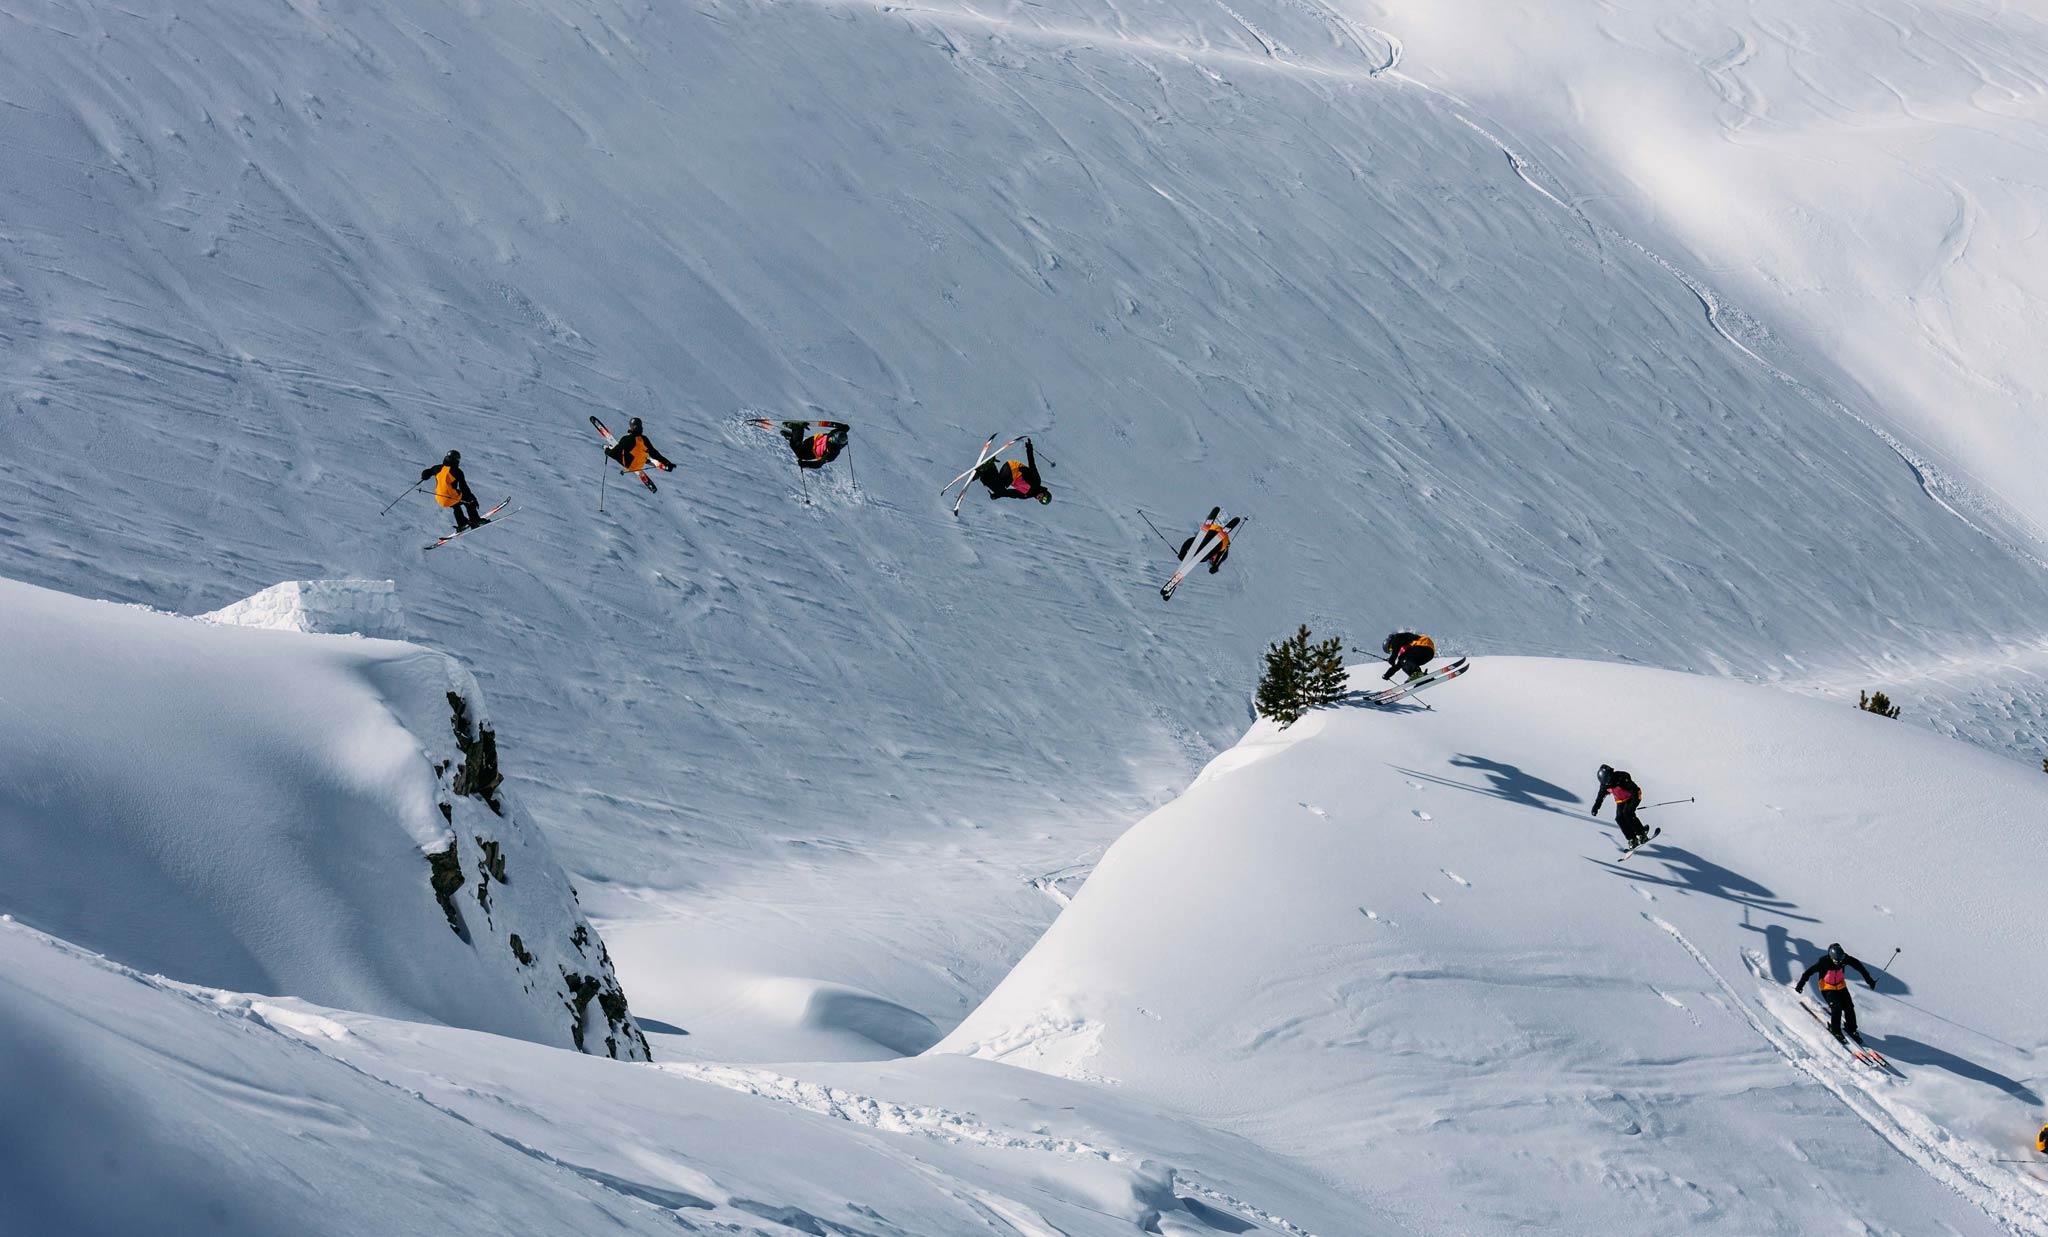 Luci geht gerne BIG: Rodeo 7 Blunt an einem nicht zu kleinen Gap in den Alpen - Foto: Marco Schmidt